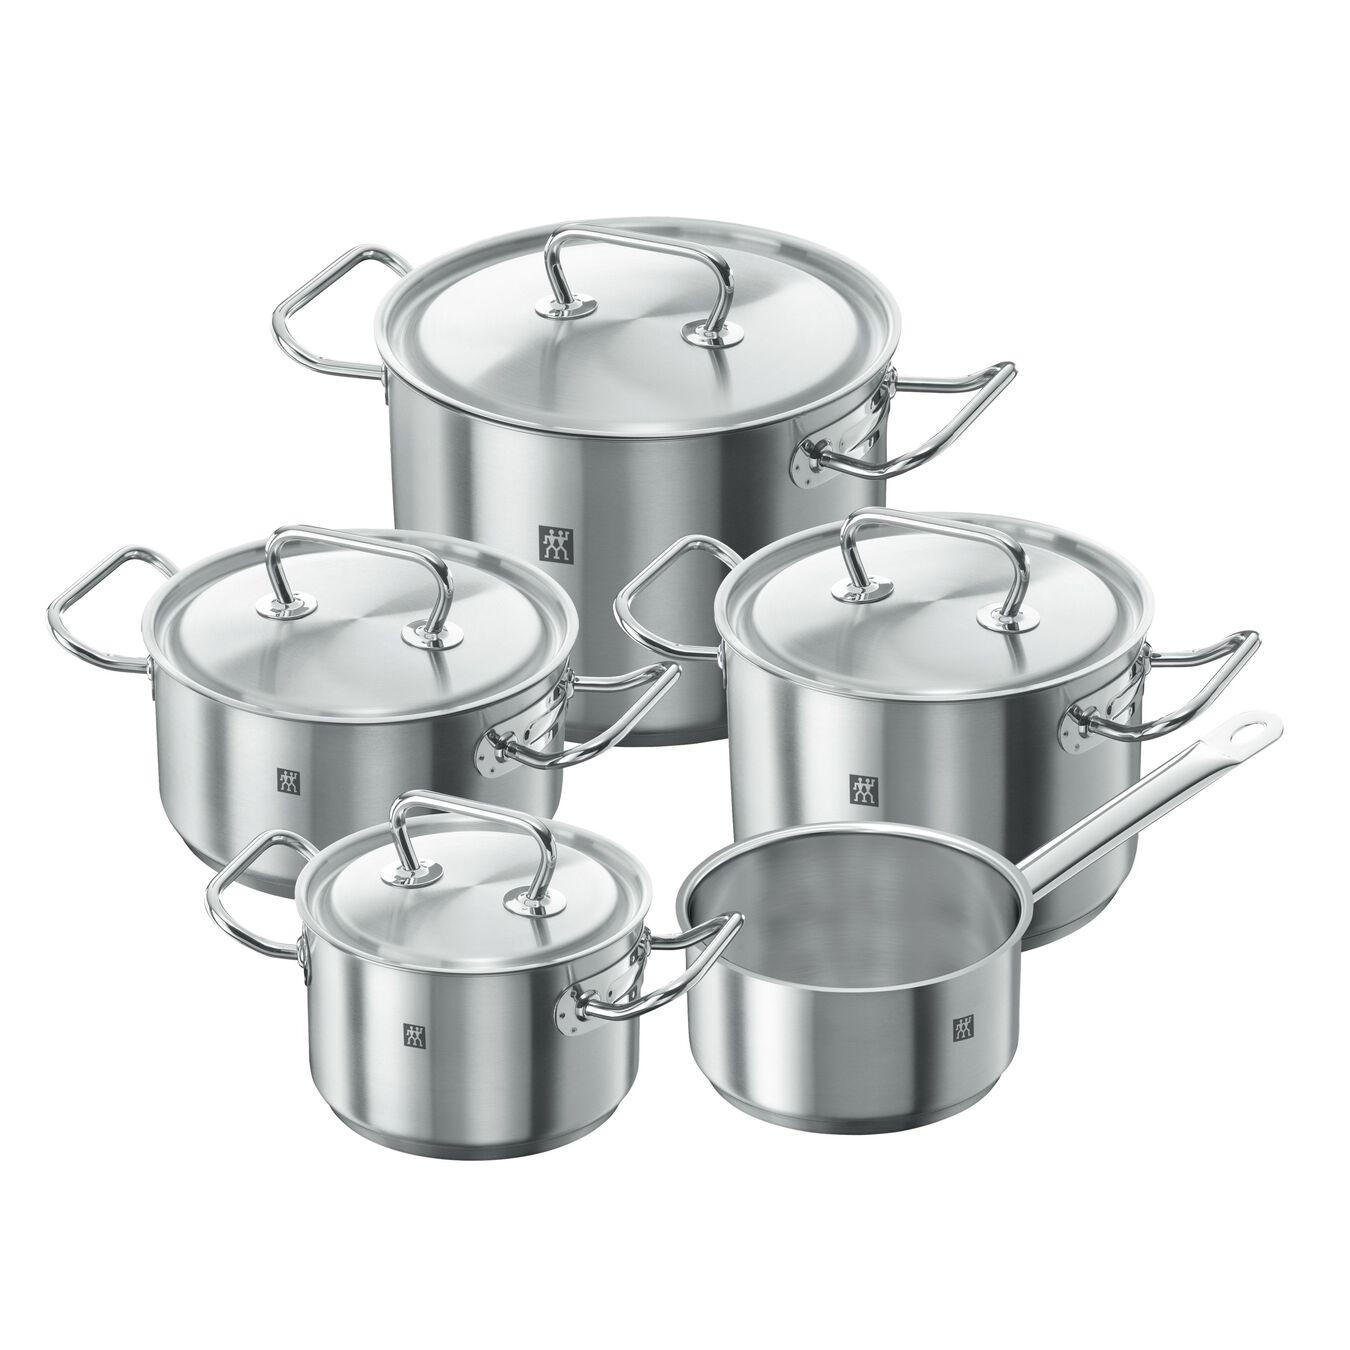 Ensemble de casseroles 5-pcs,,large 1